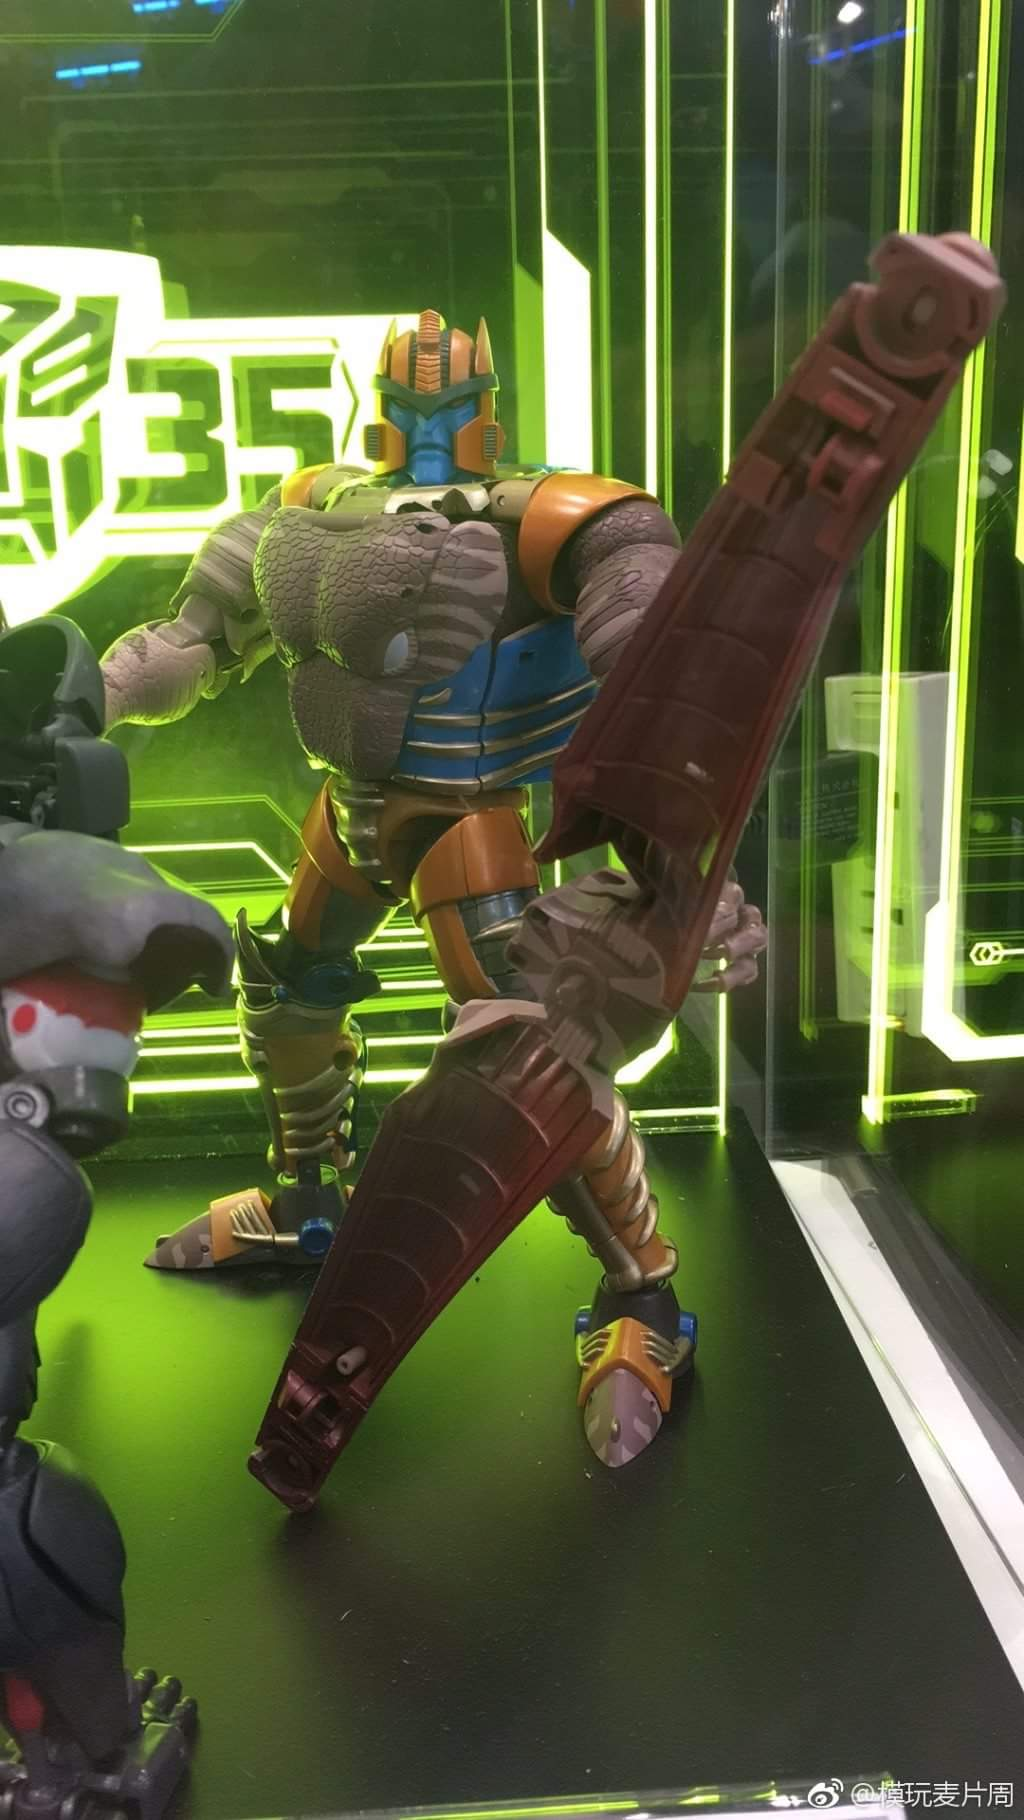 [Masterpiece] MP-41 Dinobot (Beast Wars) - Page 2 WHTsaymV_o